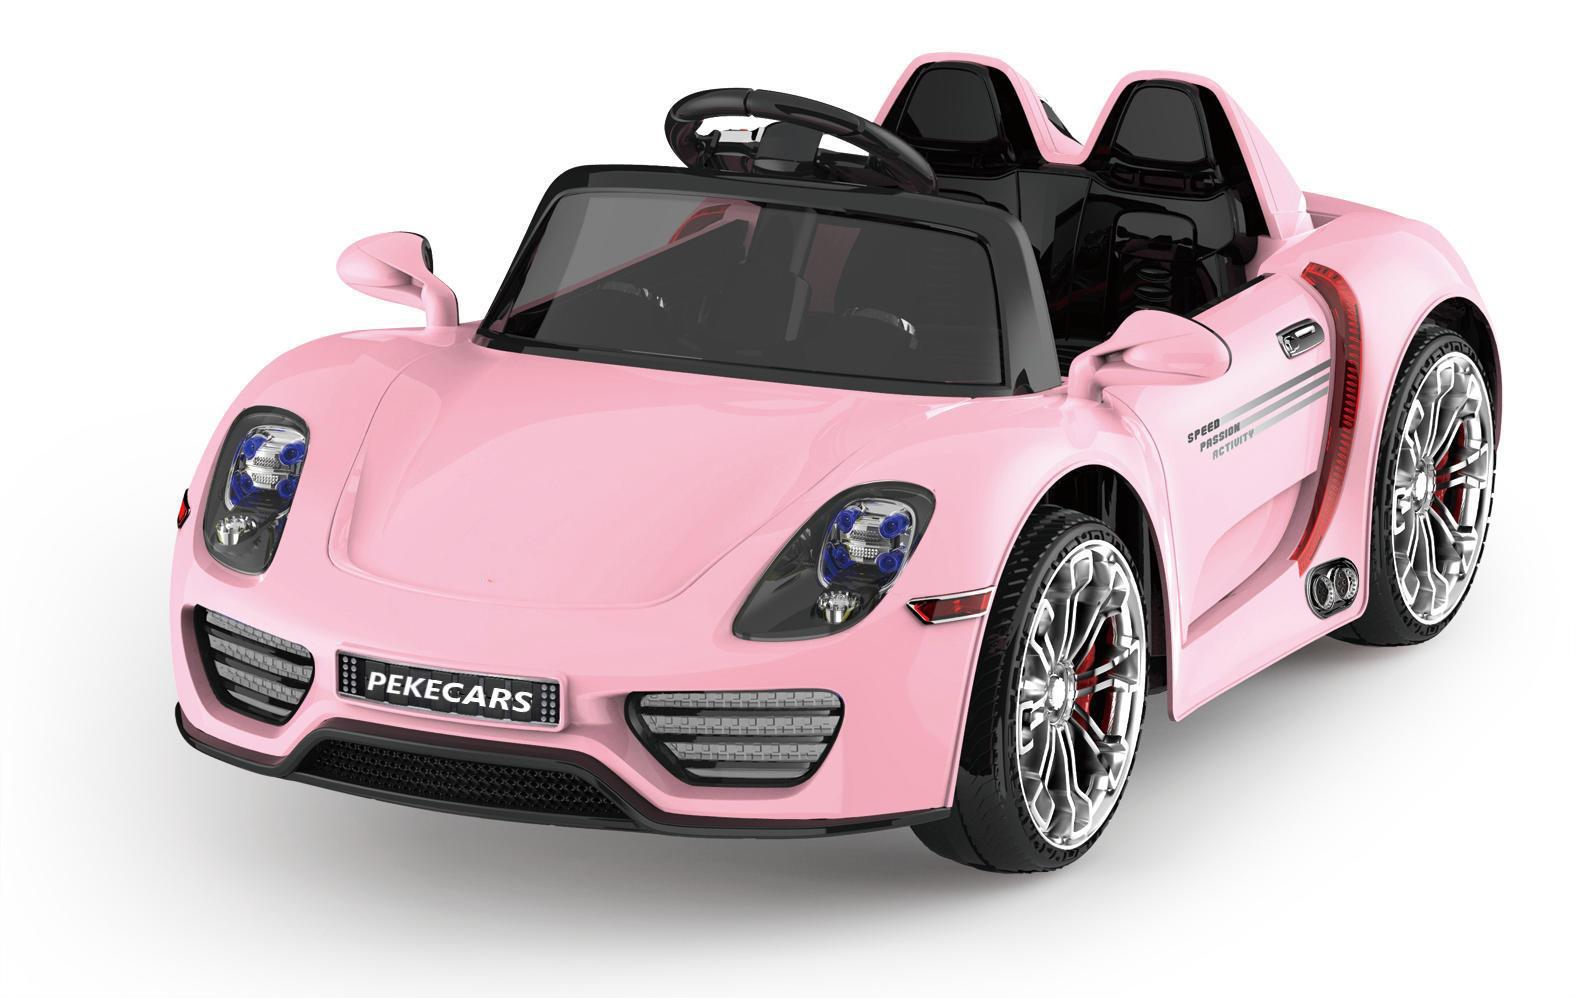 Coche electrico para niños Porsche style rosa vista principal